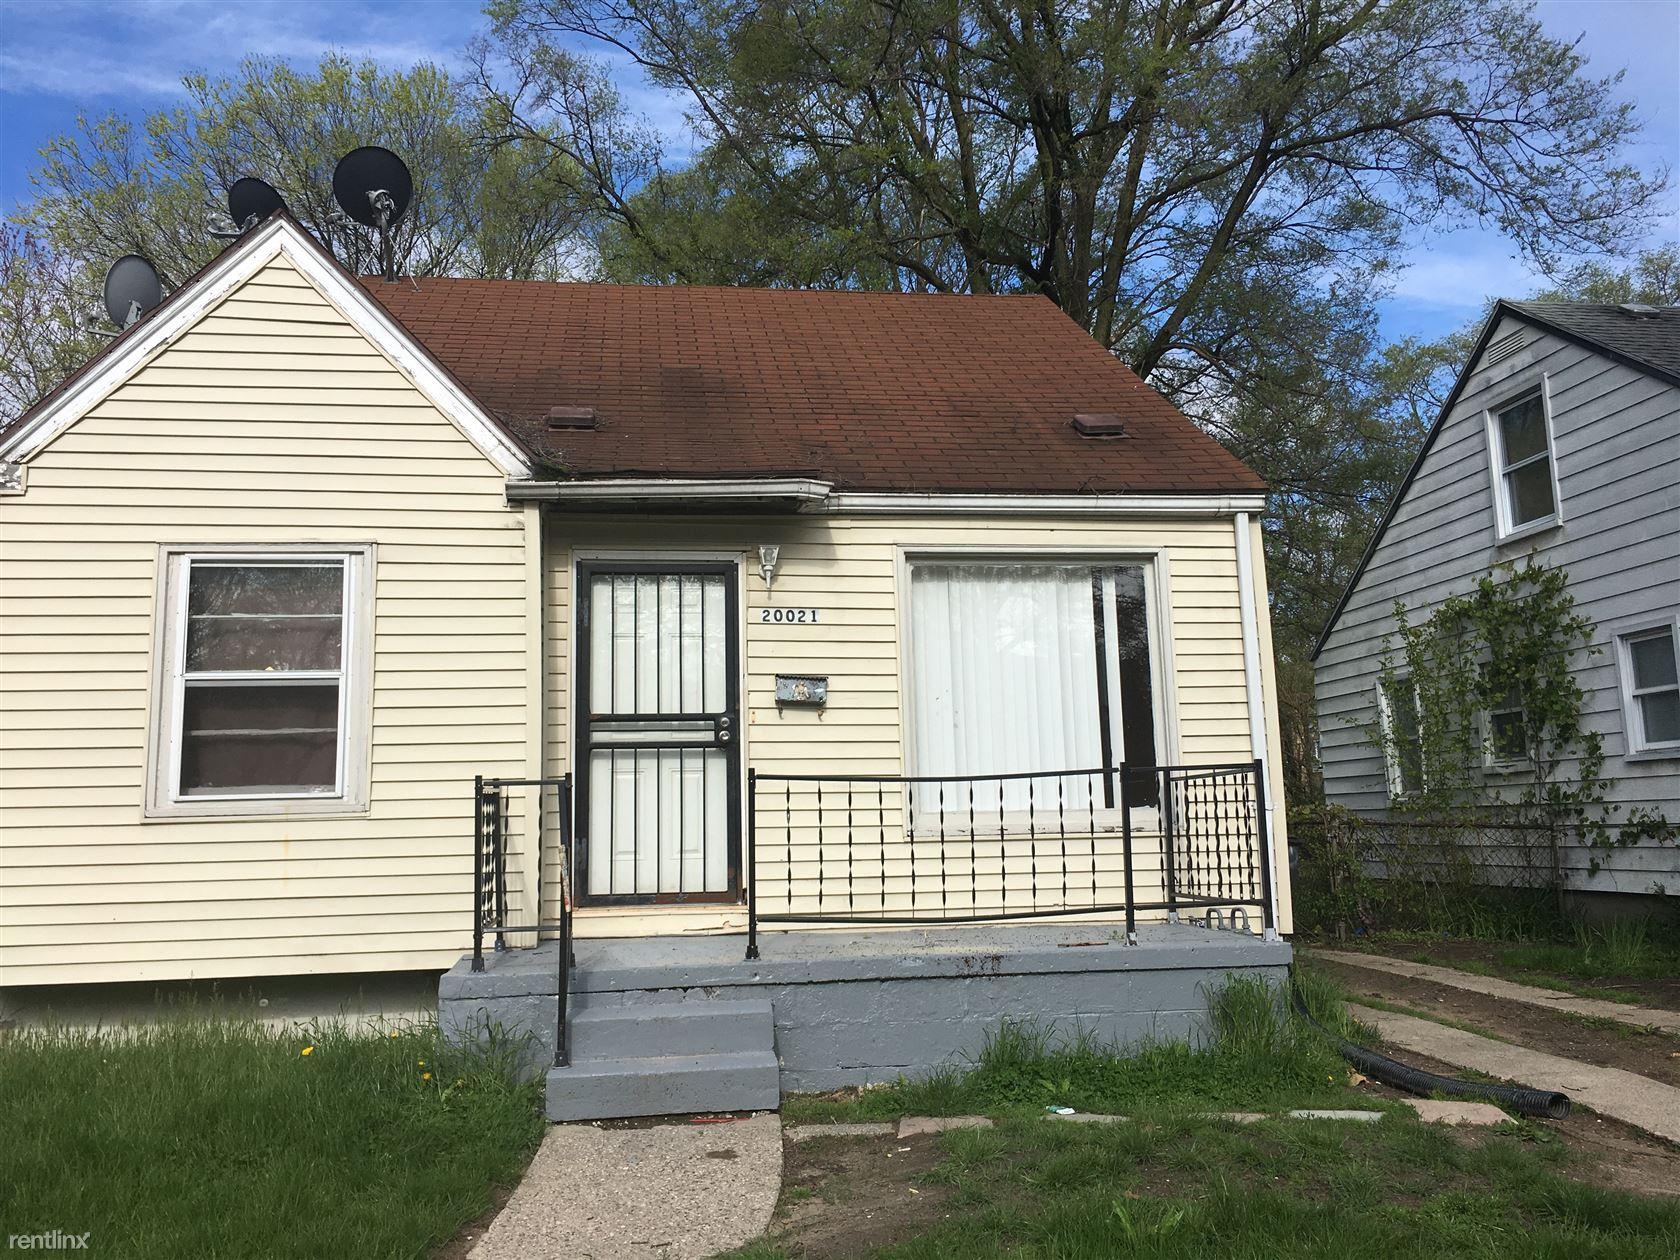 20021 Ferguson St Detroit Mi Houses For Rent Listing